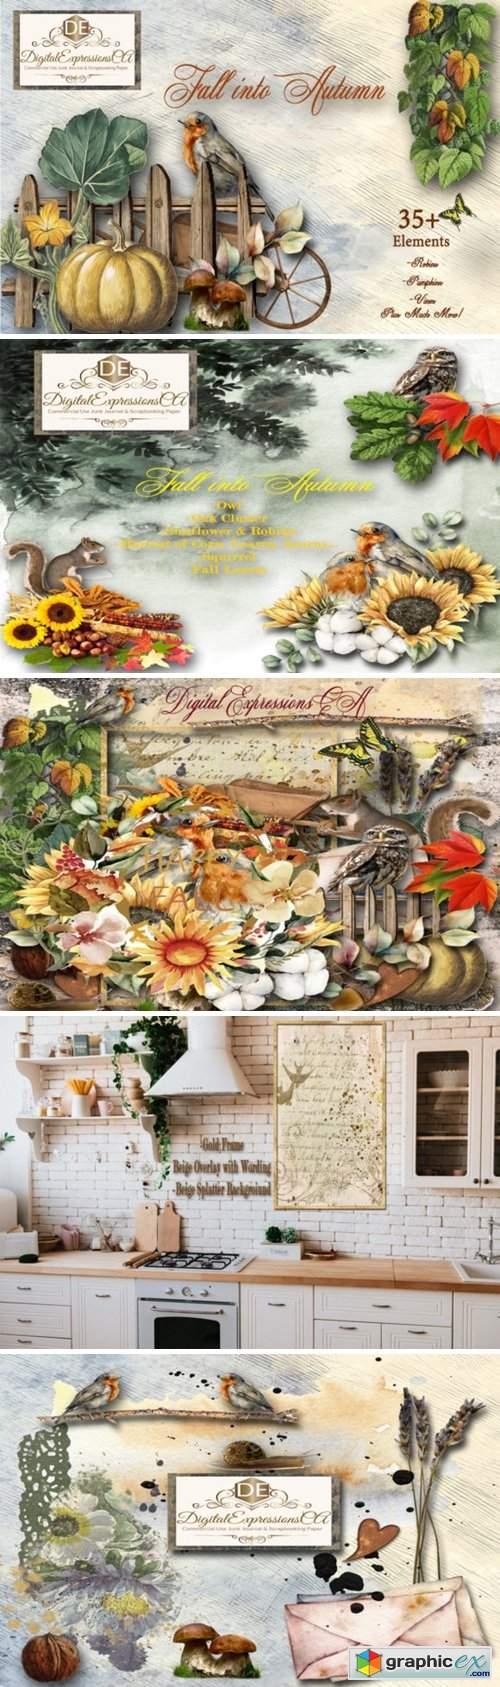 Fall into Autumn 35 Embellishments